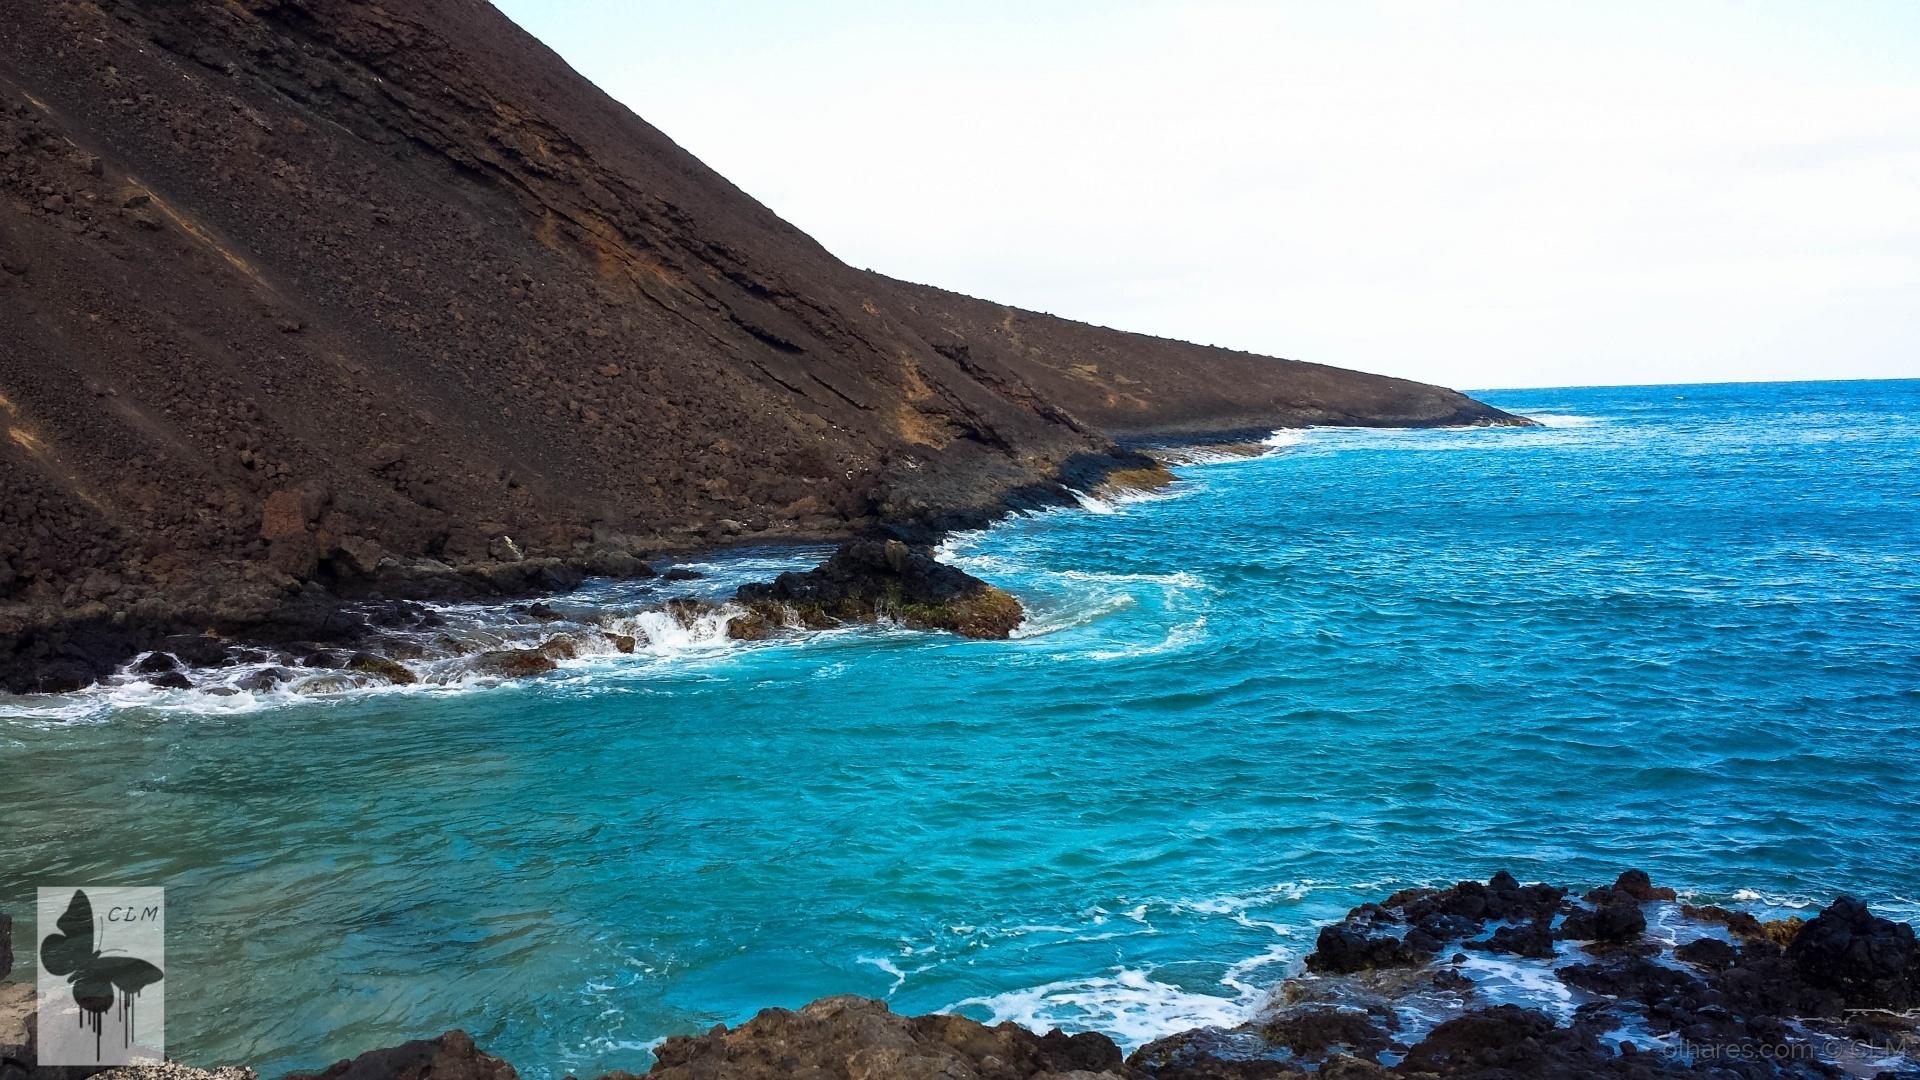 praia do calhau  mindelo  cabo verde foto de clm